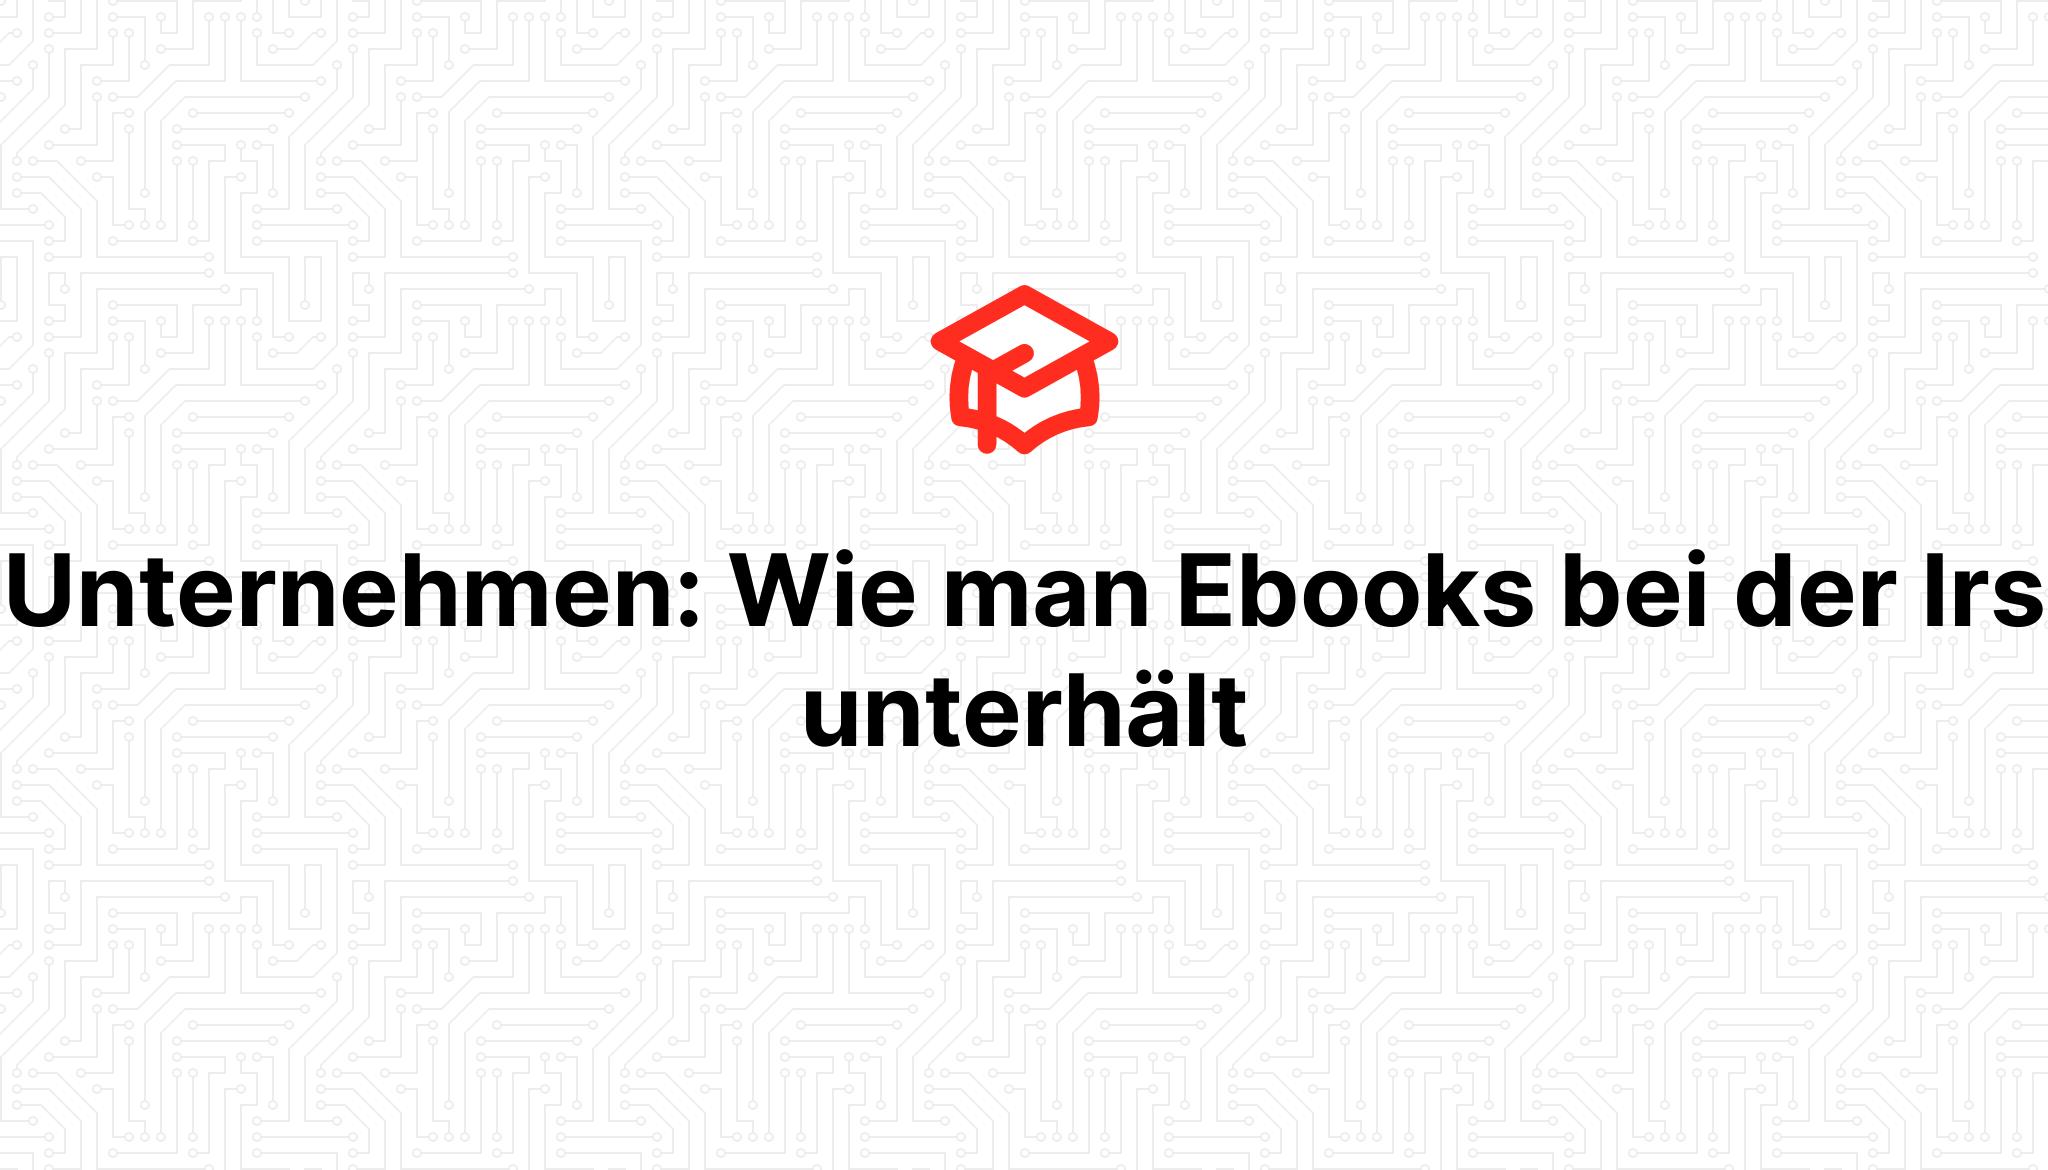 Unternehmen: Wie man Ebooks bei der Irs unterhält